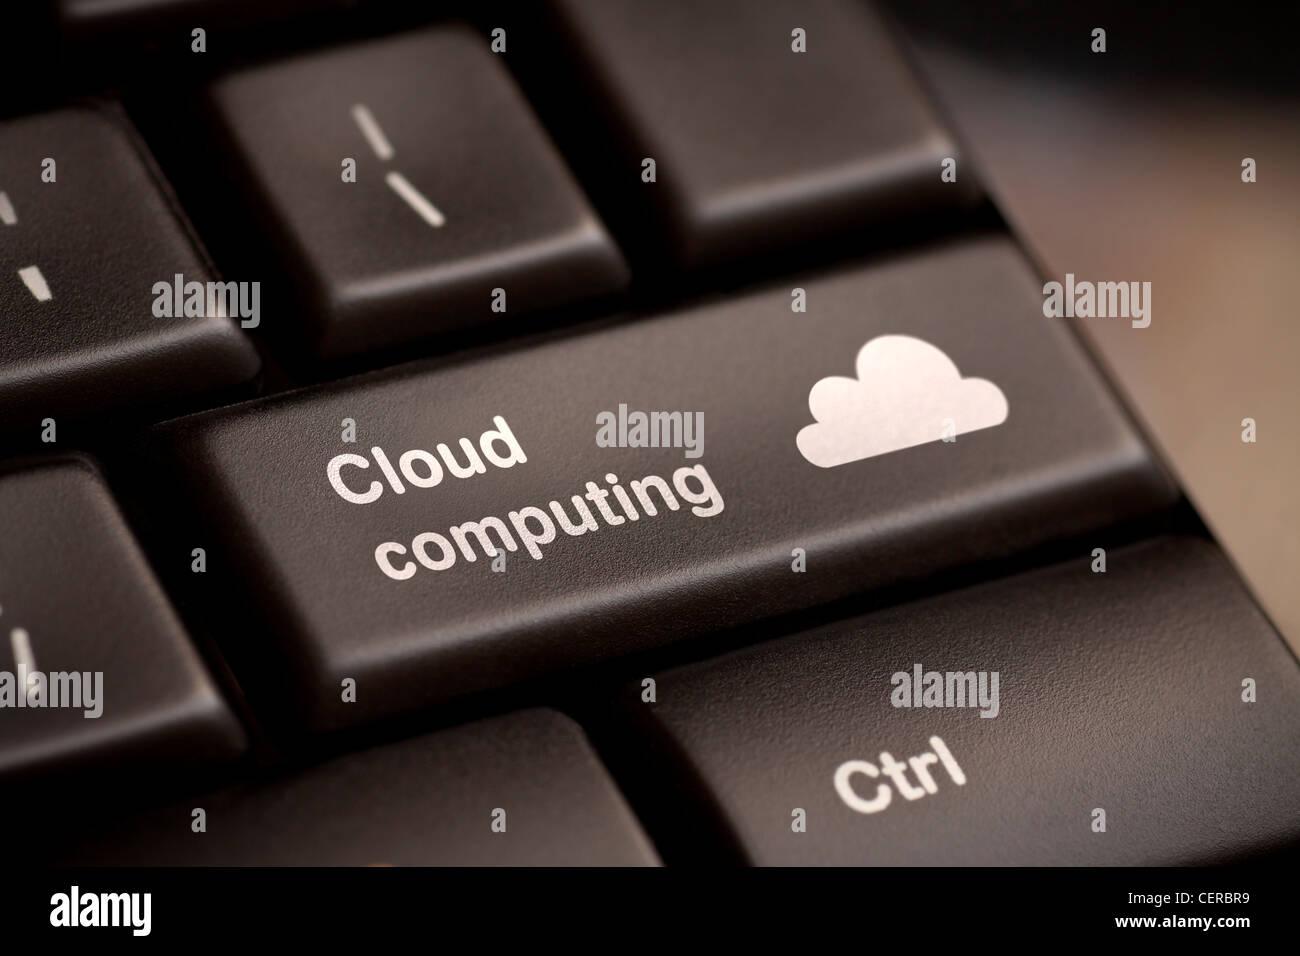 Cloud-computing-Konzept zeigt Wolkensymbol auf Computertaste. Stockbild